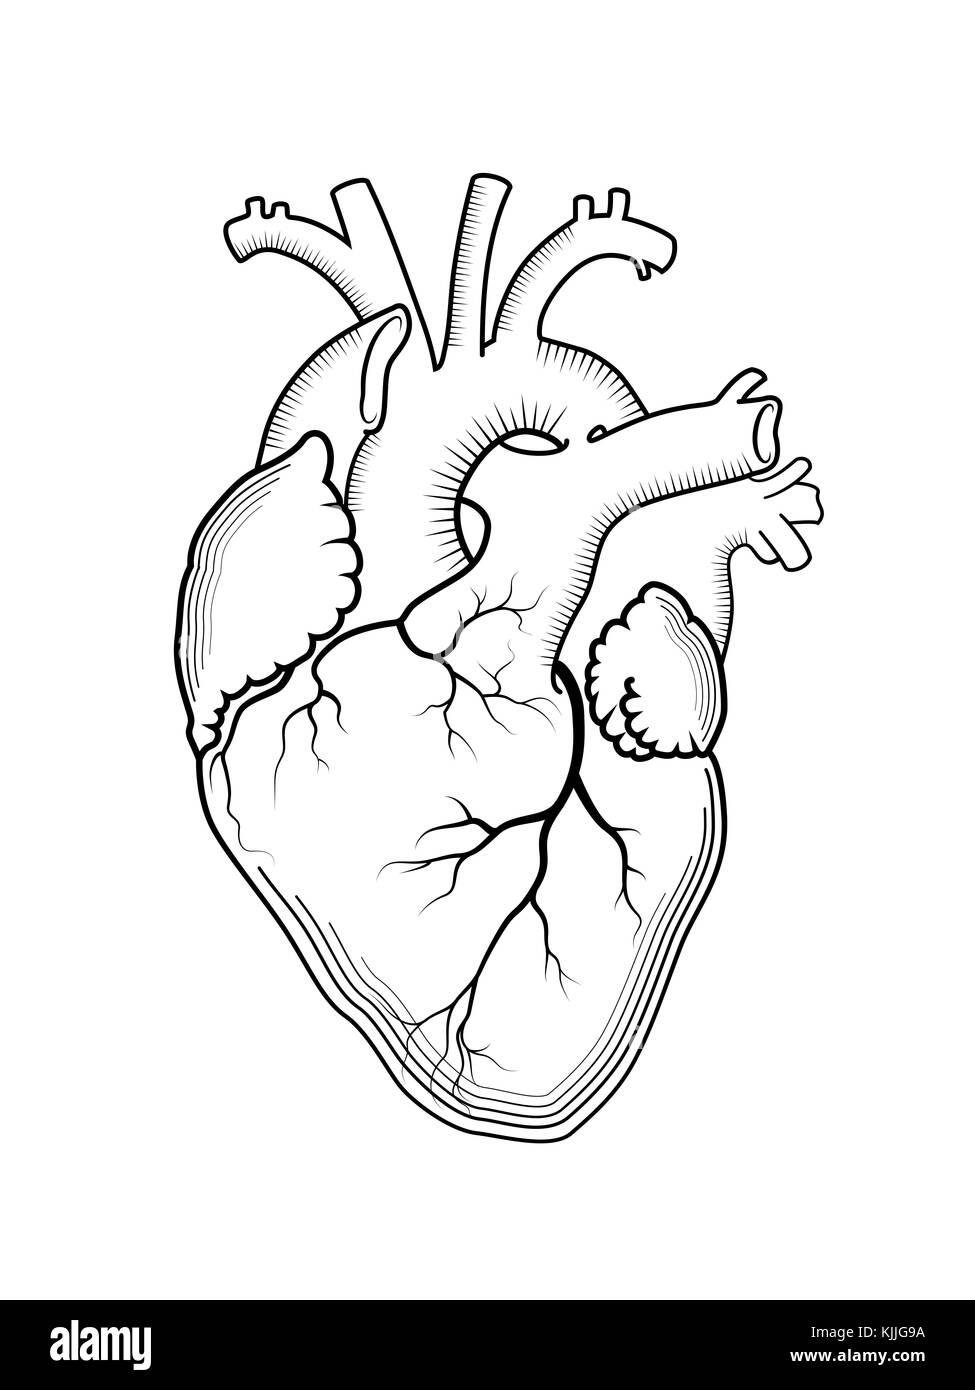 Wunderbar Bild Des Menschlichen Körpers Innere Organe Galerie ...